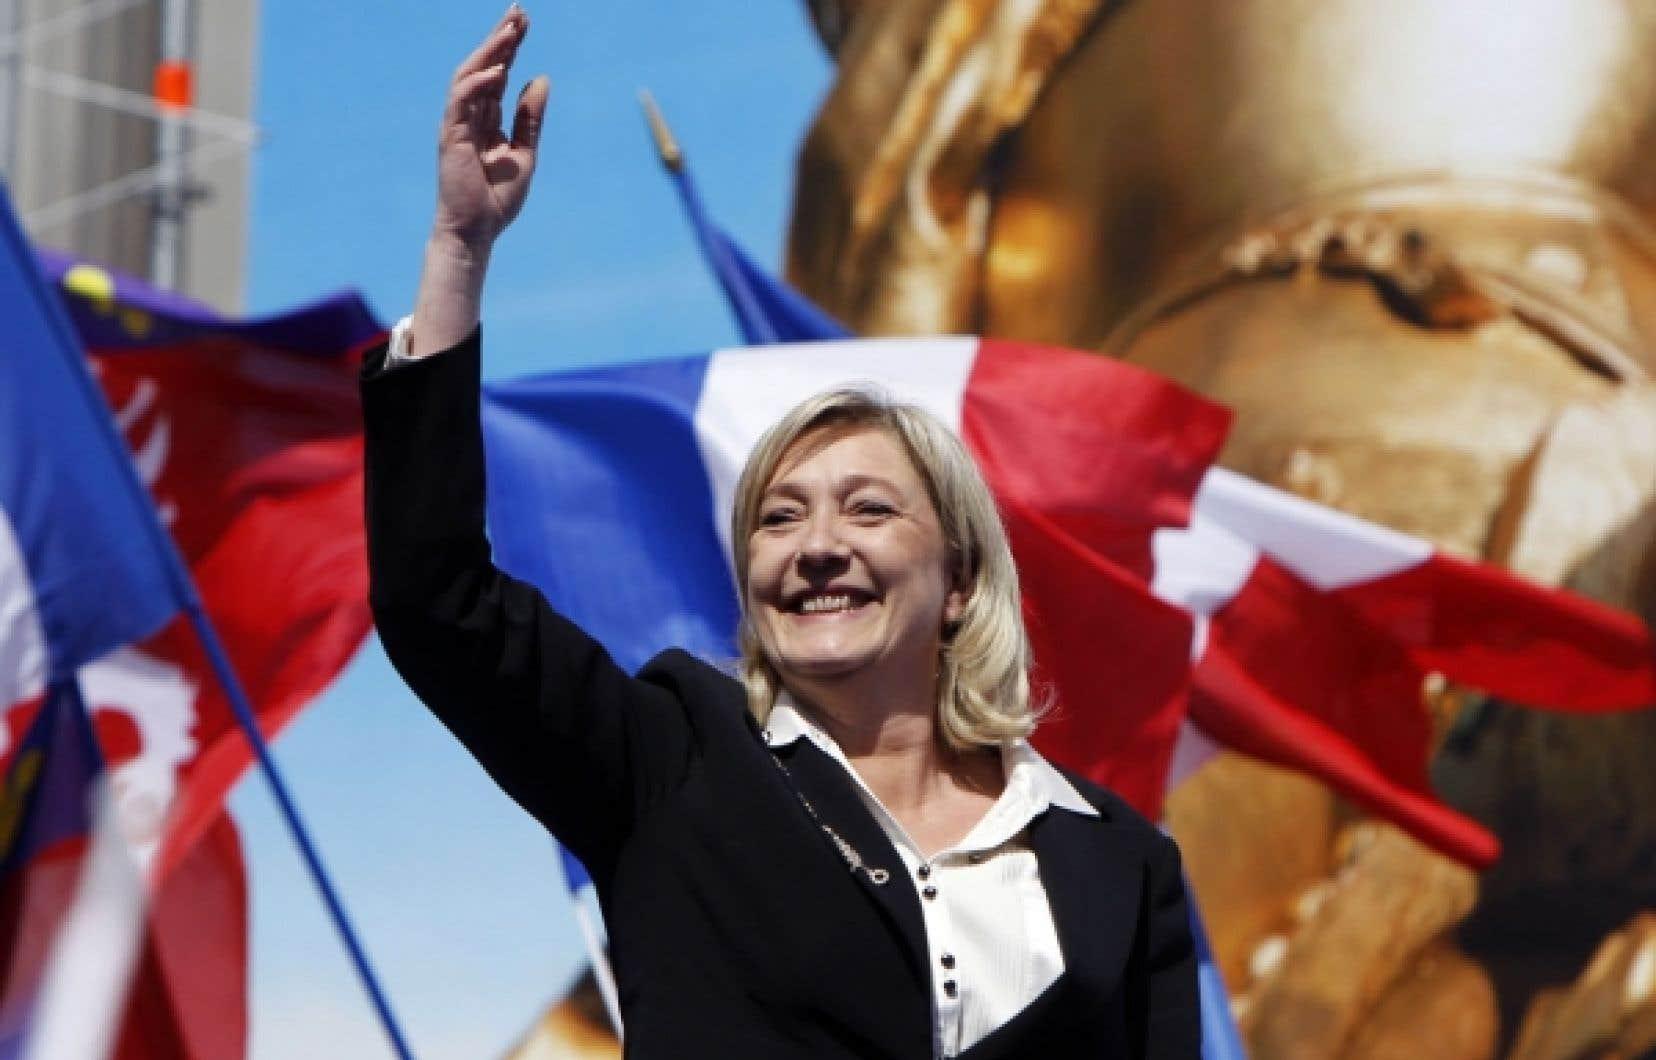 Alimenté par un débat sur l'identité nationale, reconverti en discussions sur l'immigration et «la préférence nationale», le vote du Front national se nourrit surtout d'une critique des conséquences politiques de l'universalisme promu par l'Europe.